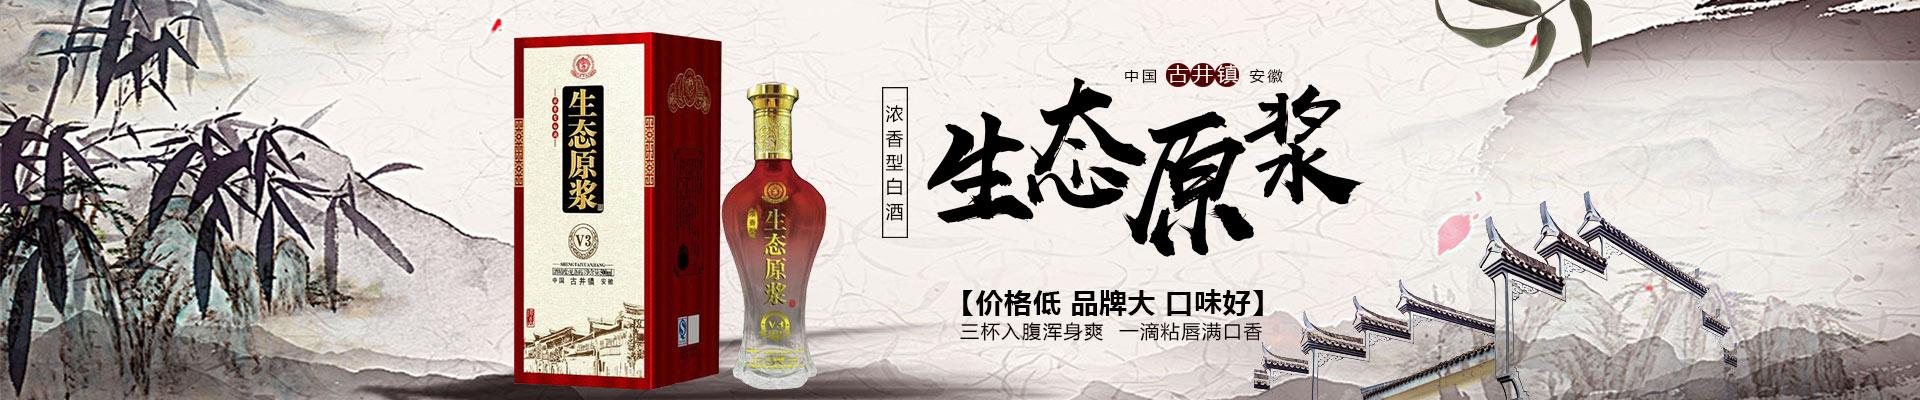 安徽天蕴锦绣缘酒业有限公司